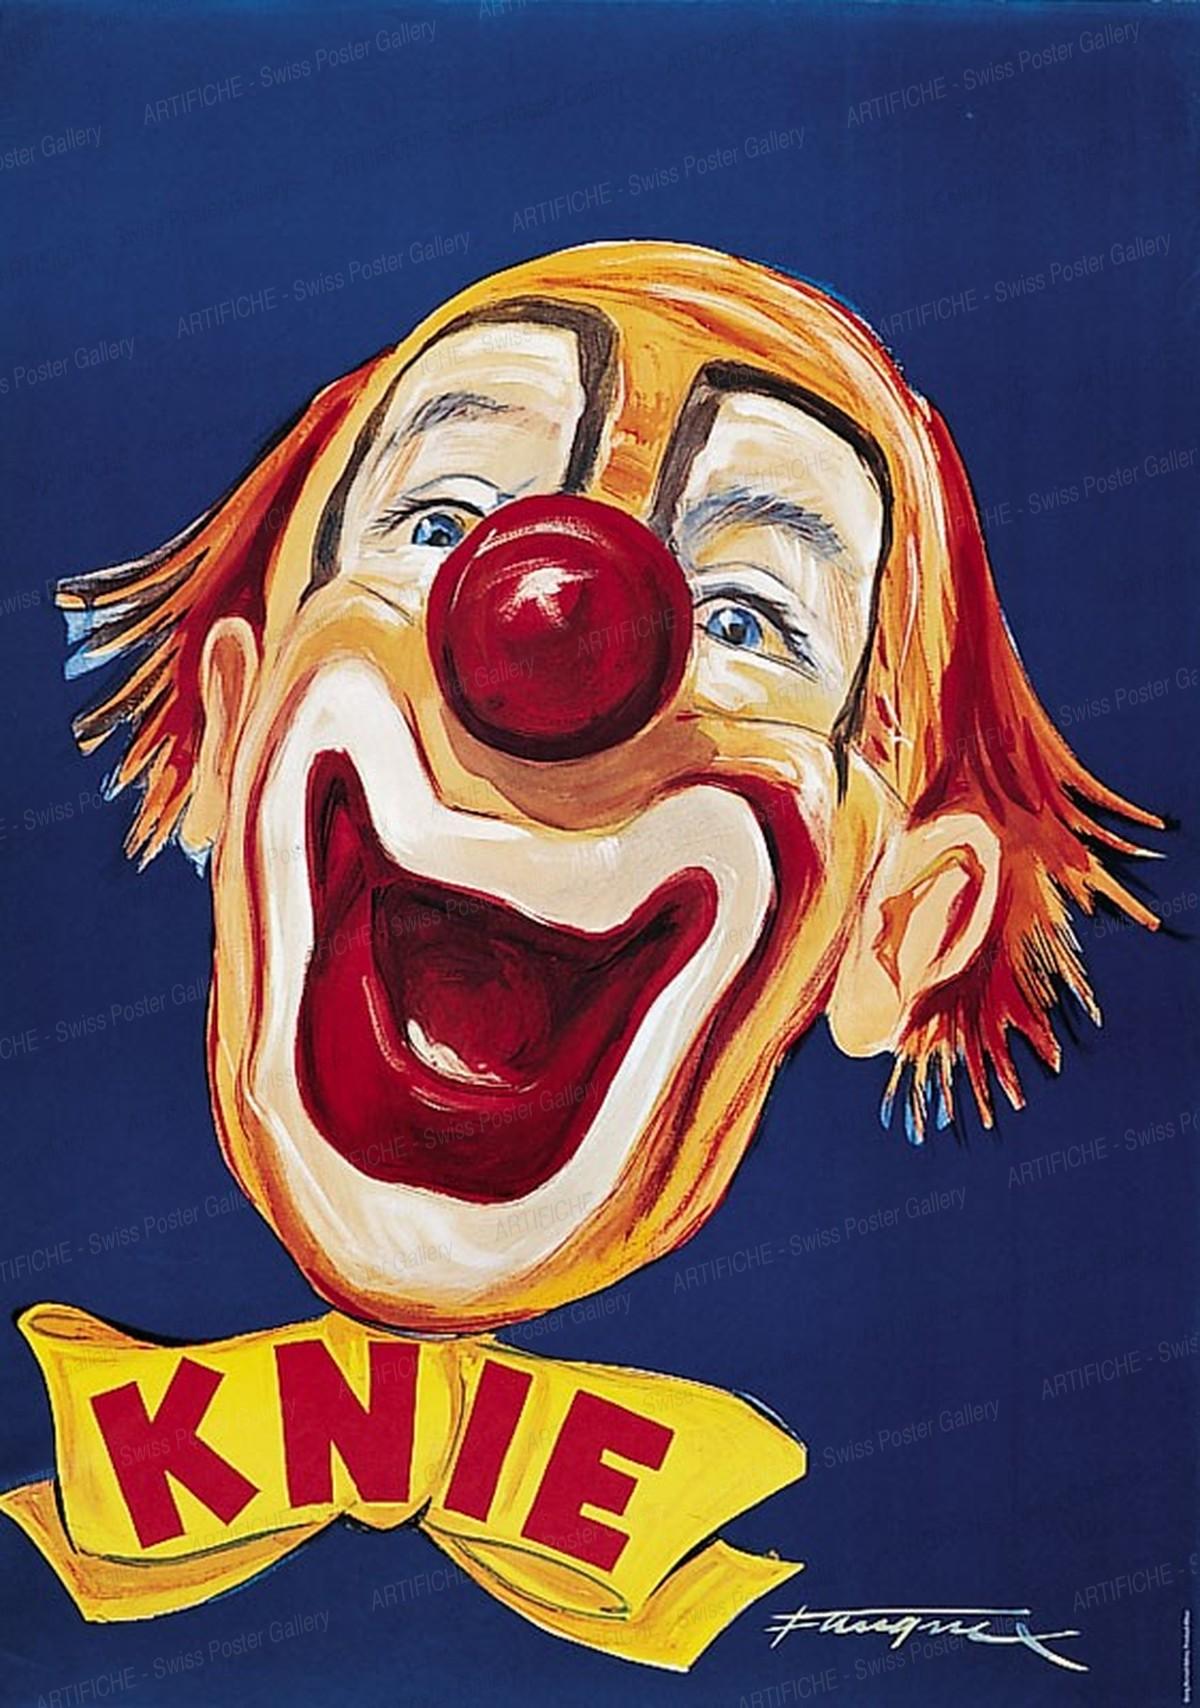 National circus KNIE, Eugène Fauquex